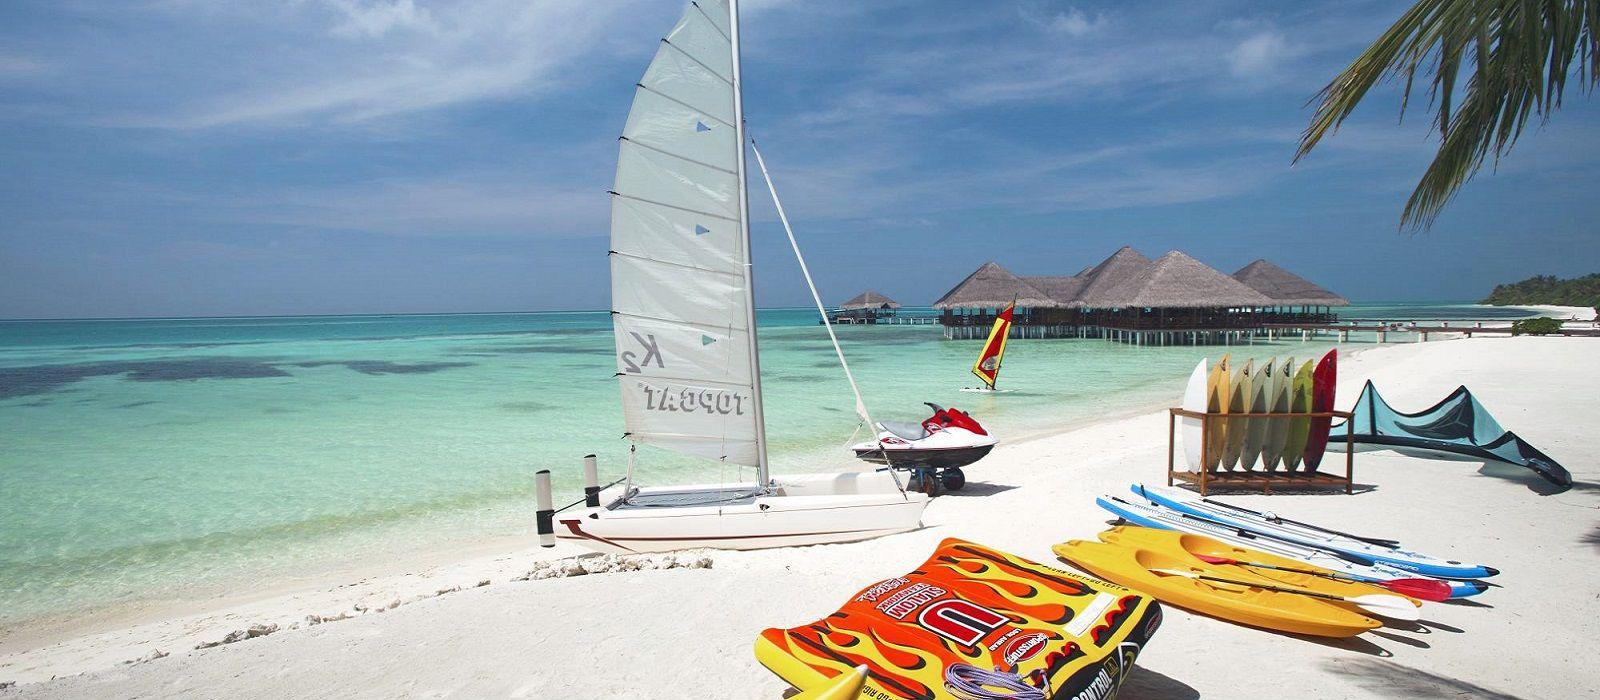 Surreal Sands: Dubai and Maldives Tour Trip 2